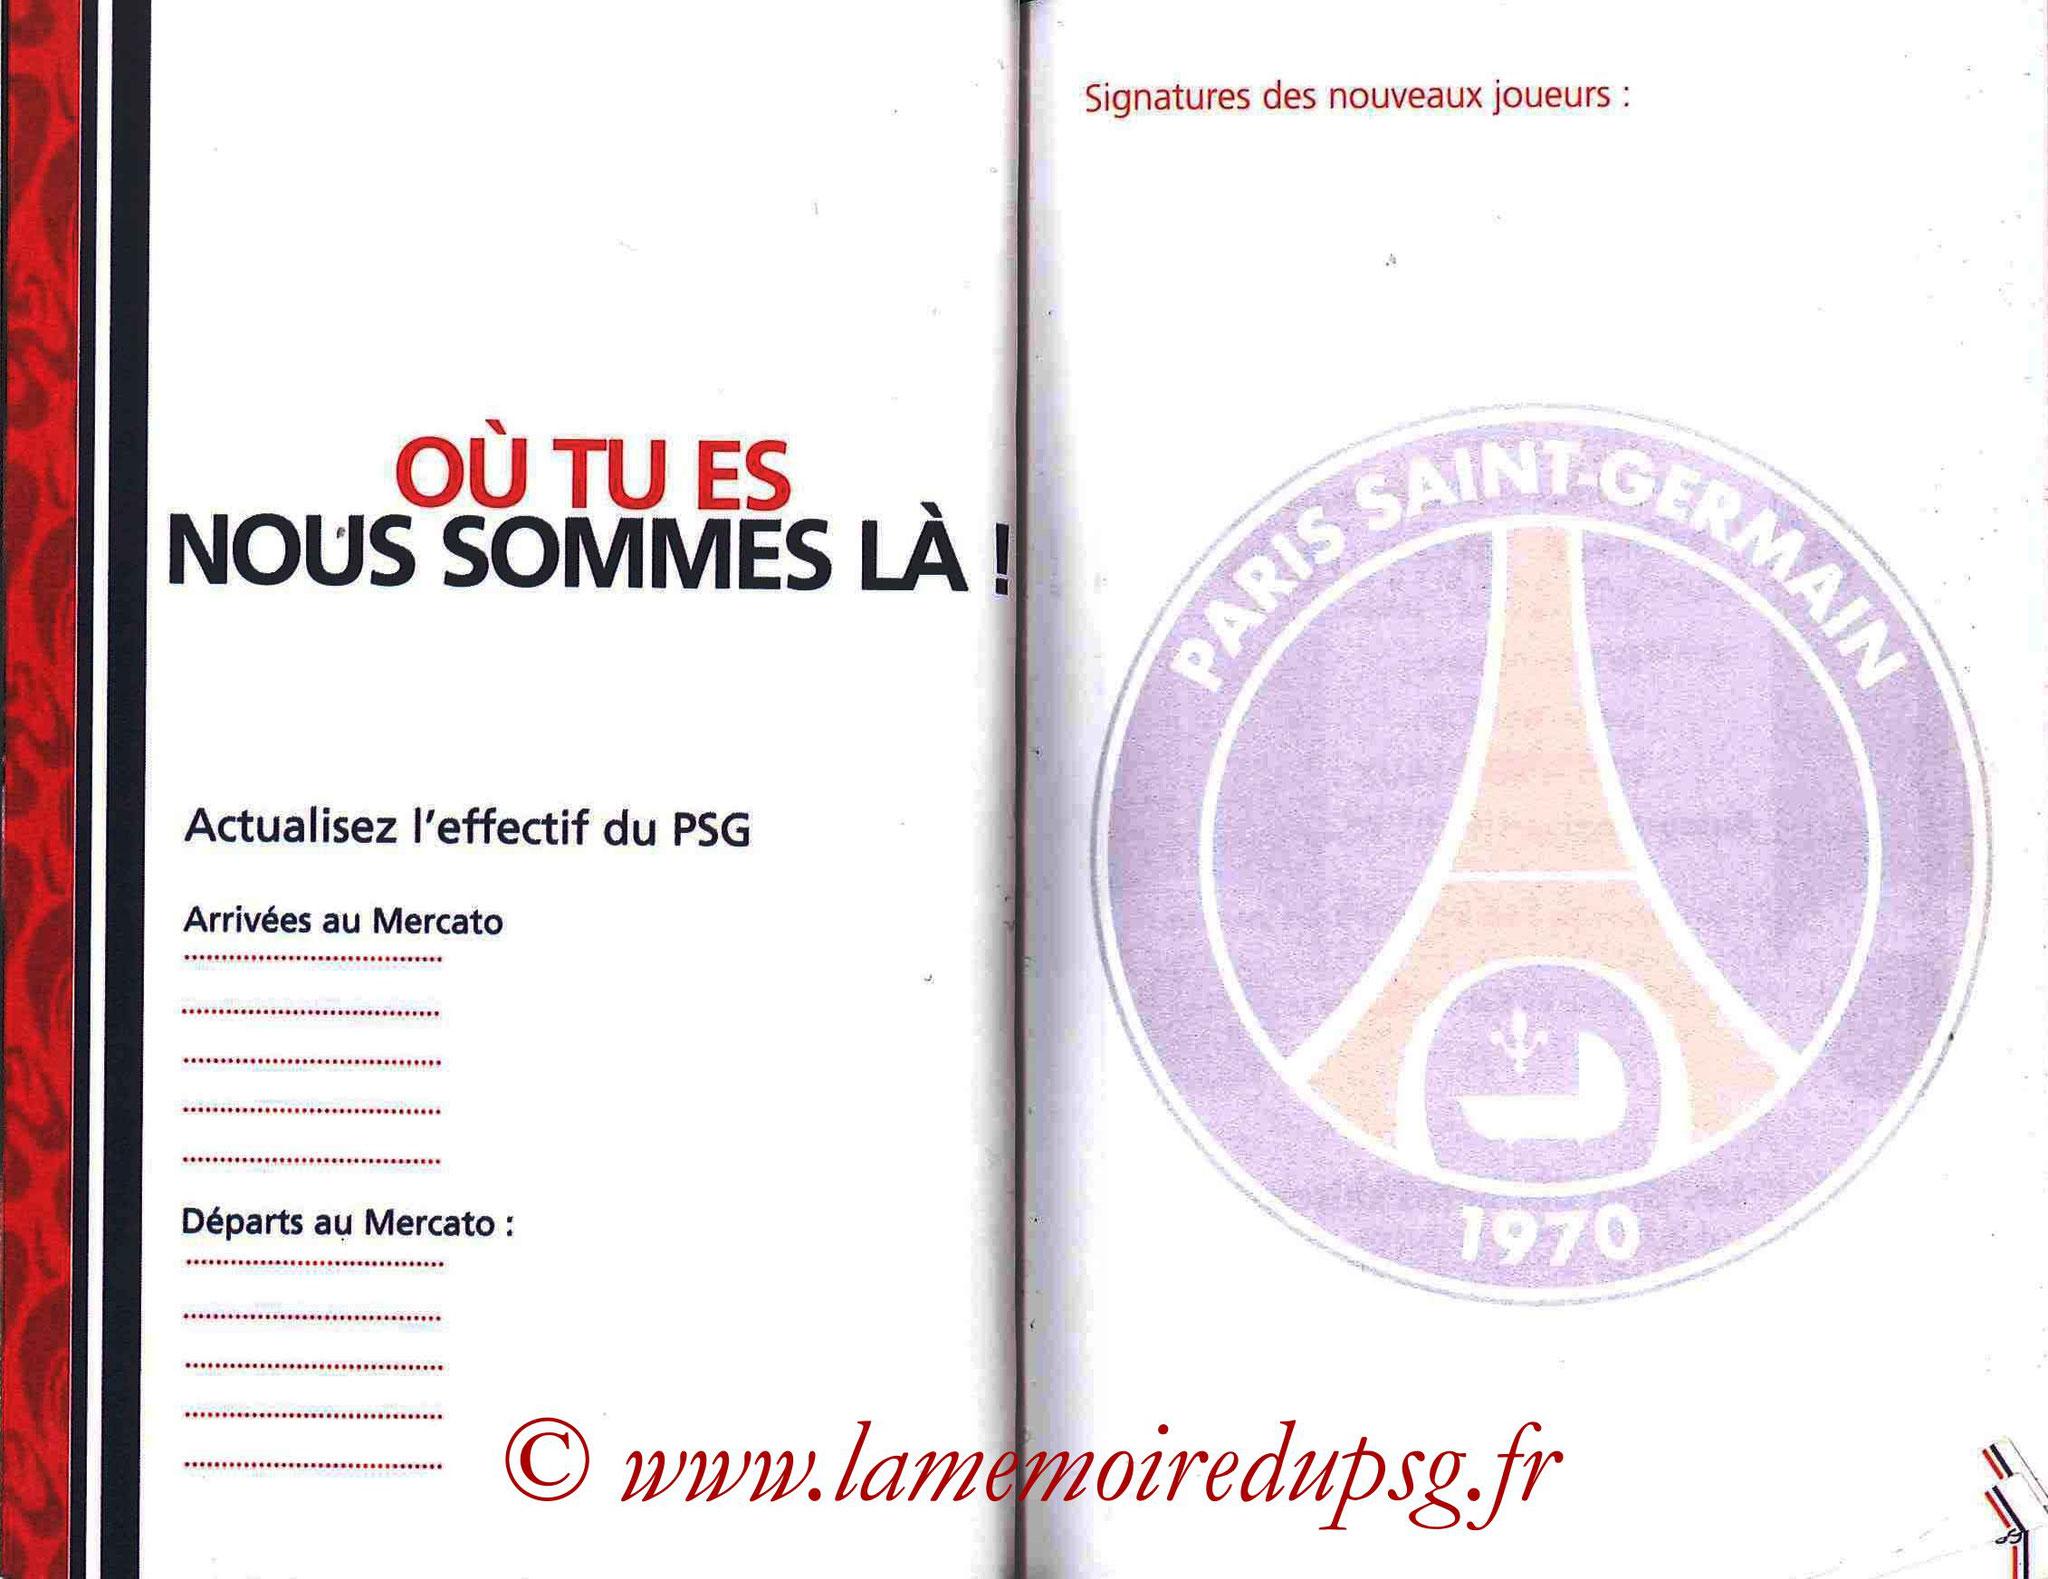 2007-08 - Guide de la Saison PSG - Pages 54 et 55